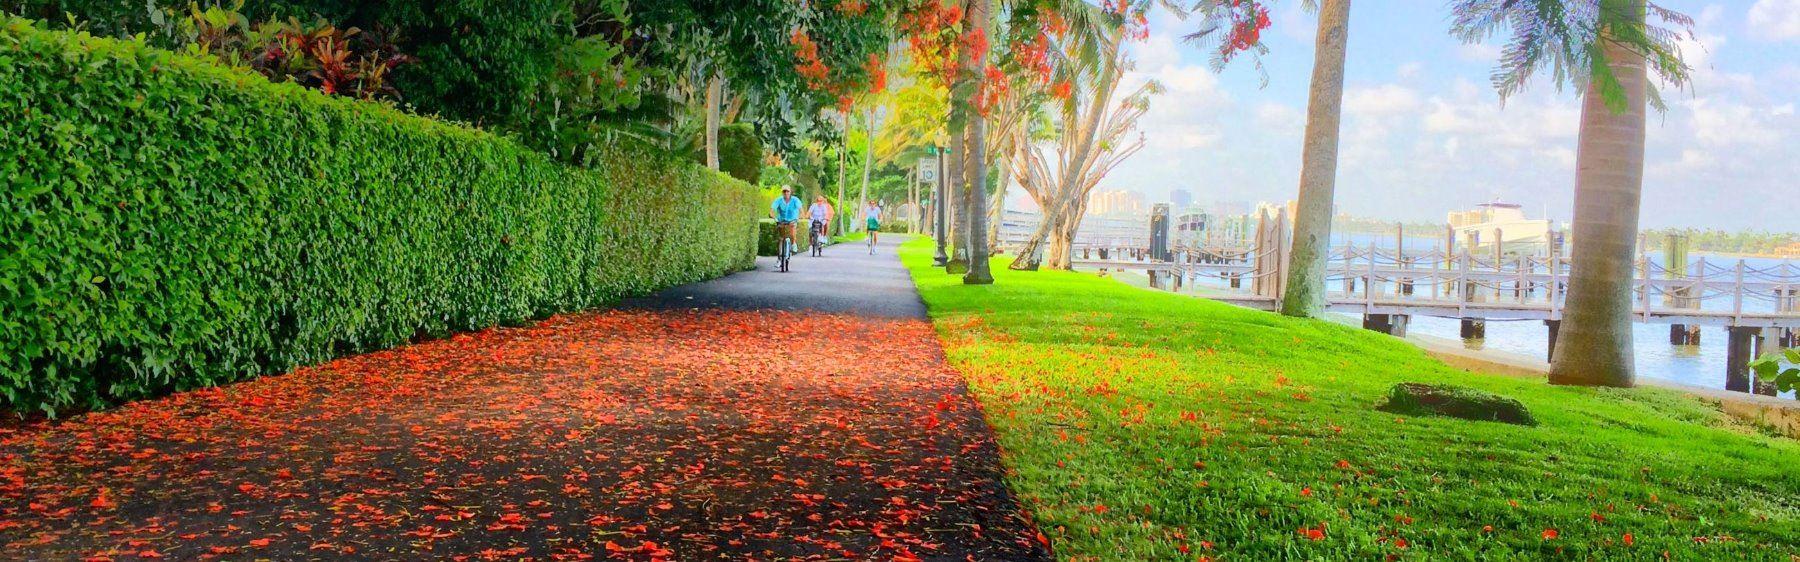 Career Opportunities | Palm Beach, FL - Official Website